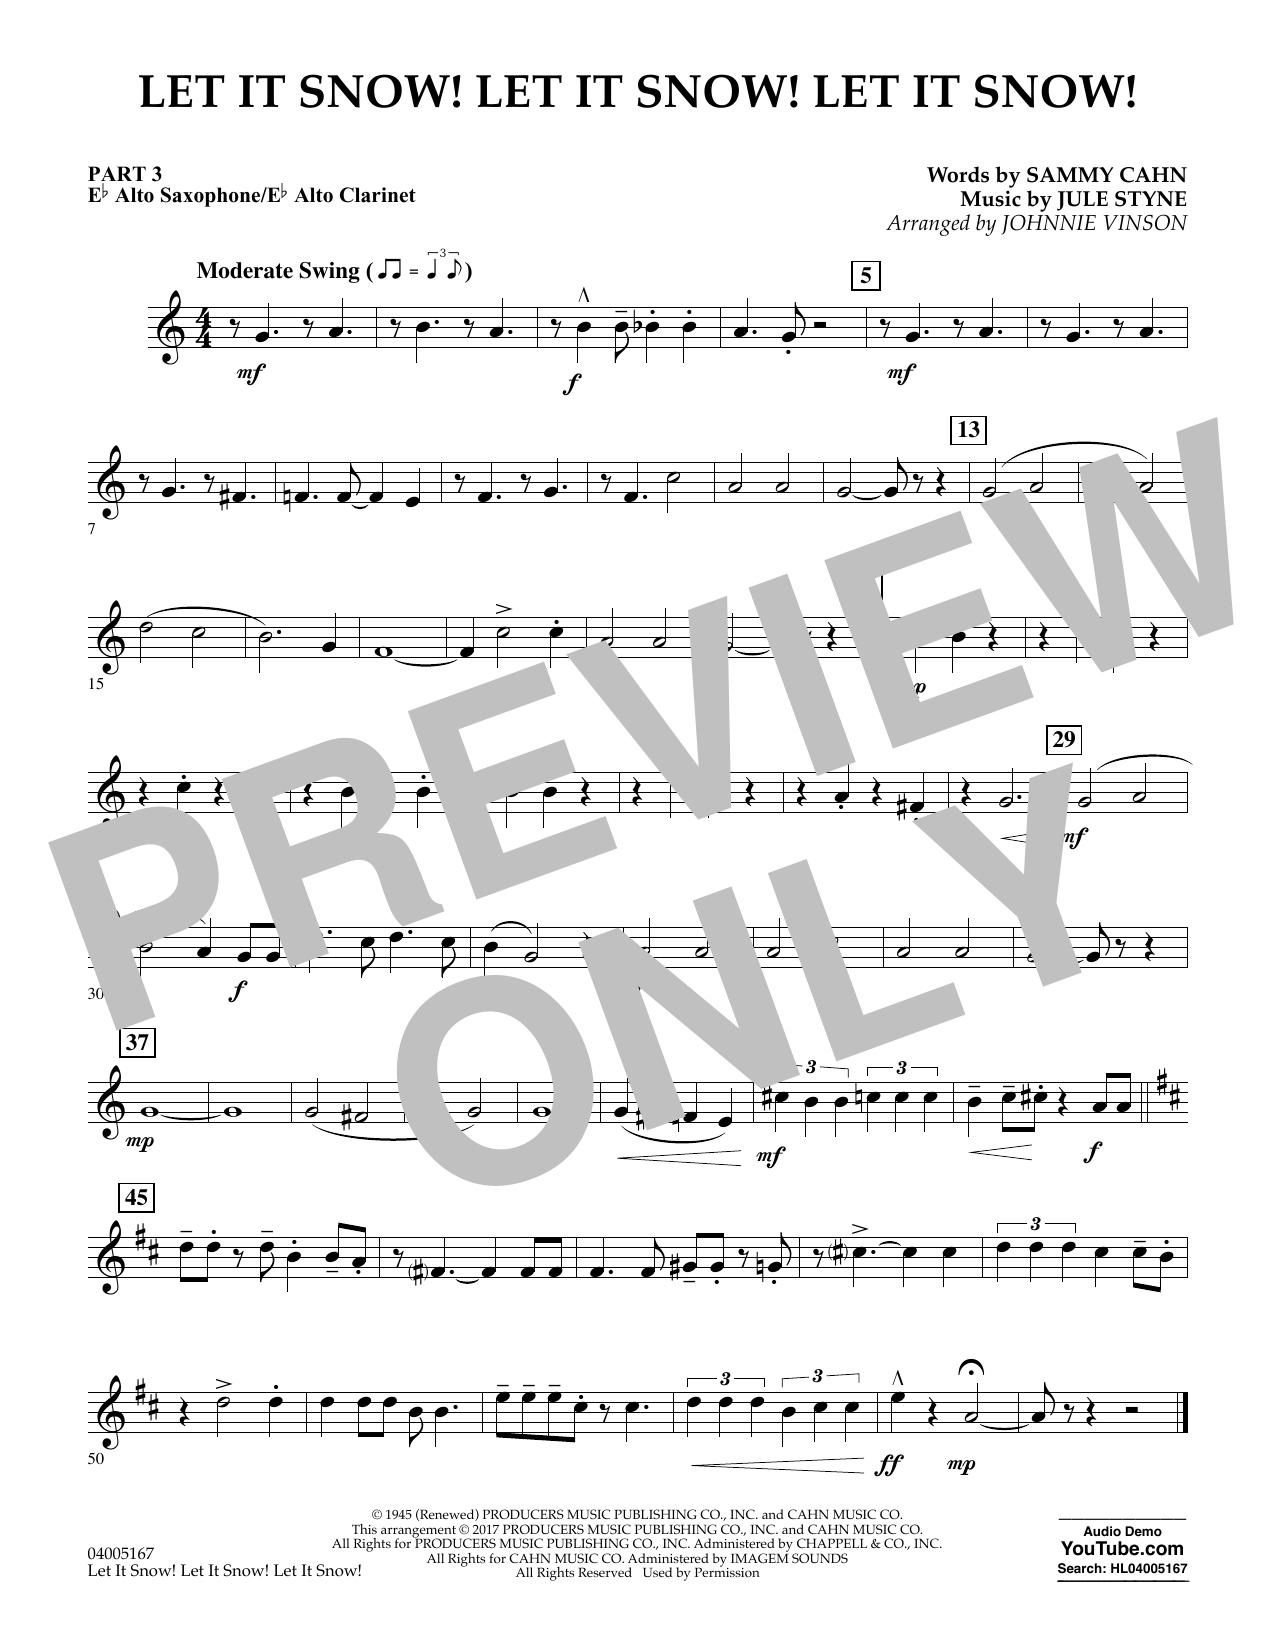 Let It Snow! Let It Snow! Let It Snow! - Pt.3 - Eb Alto Sax/Alto Clar. (Concert Band)